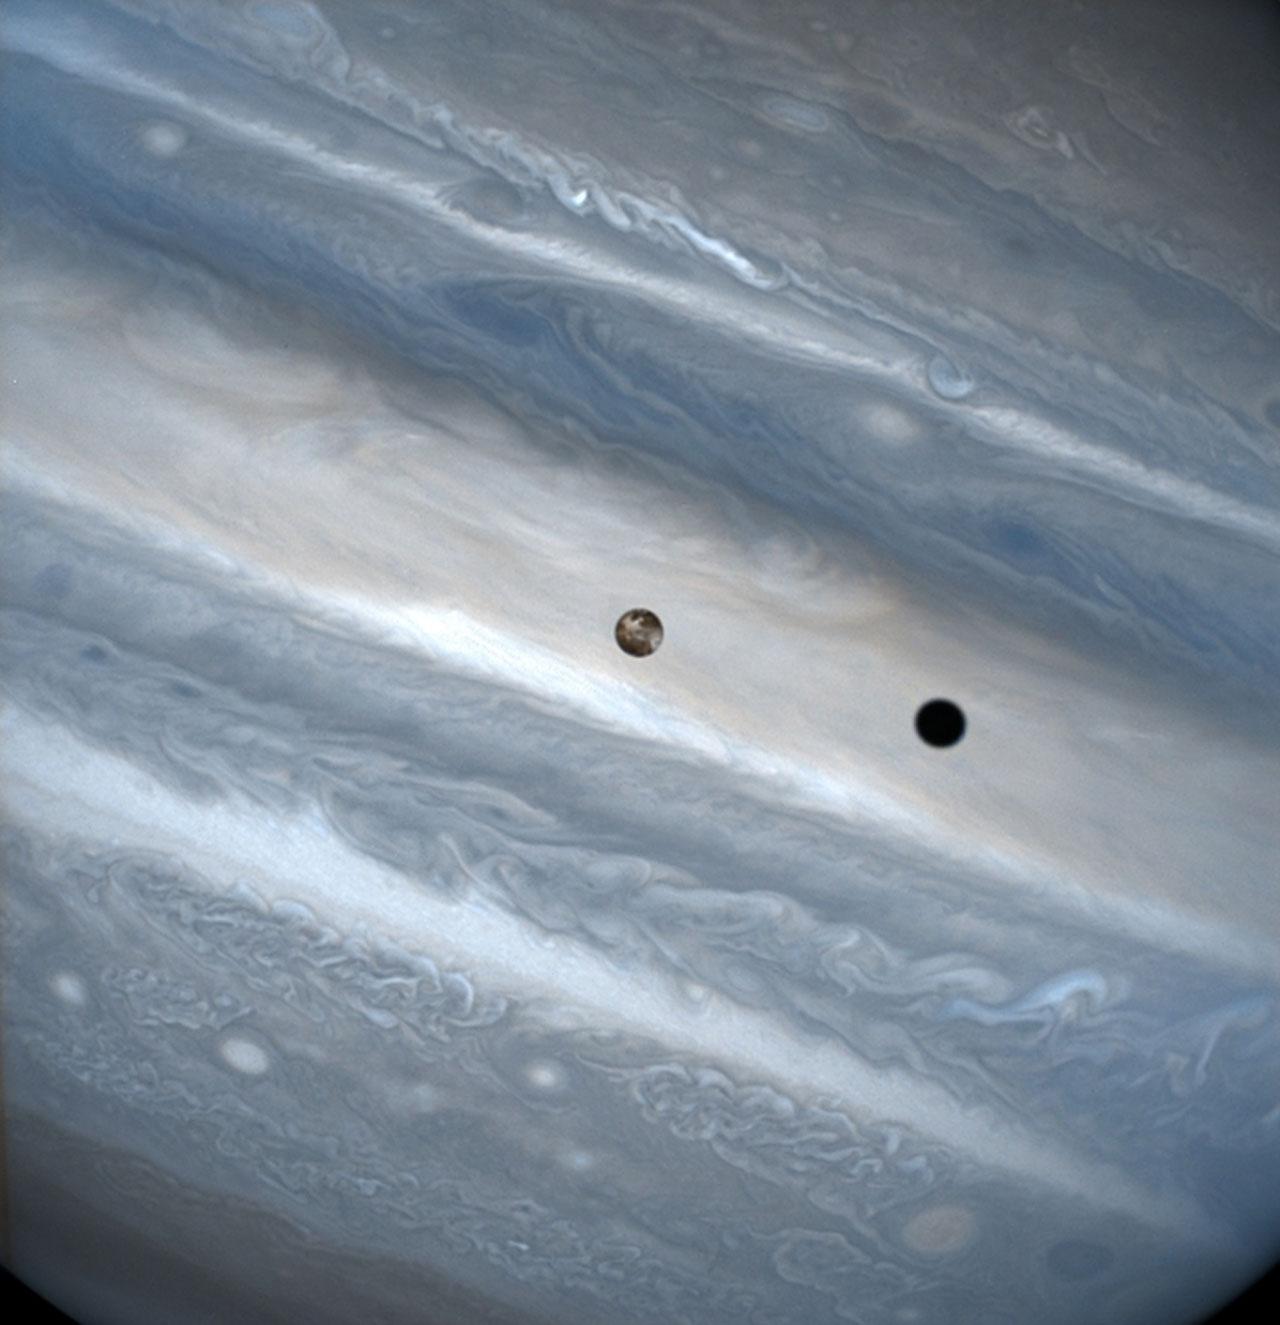 Io Transit of Jupiter